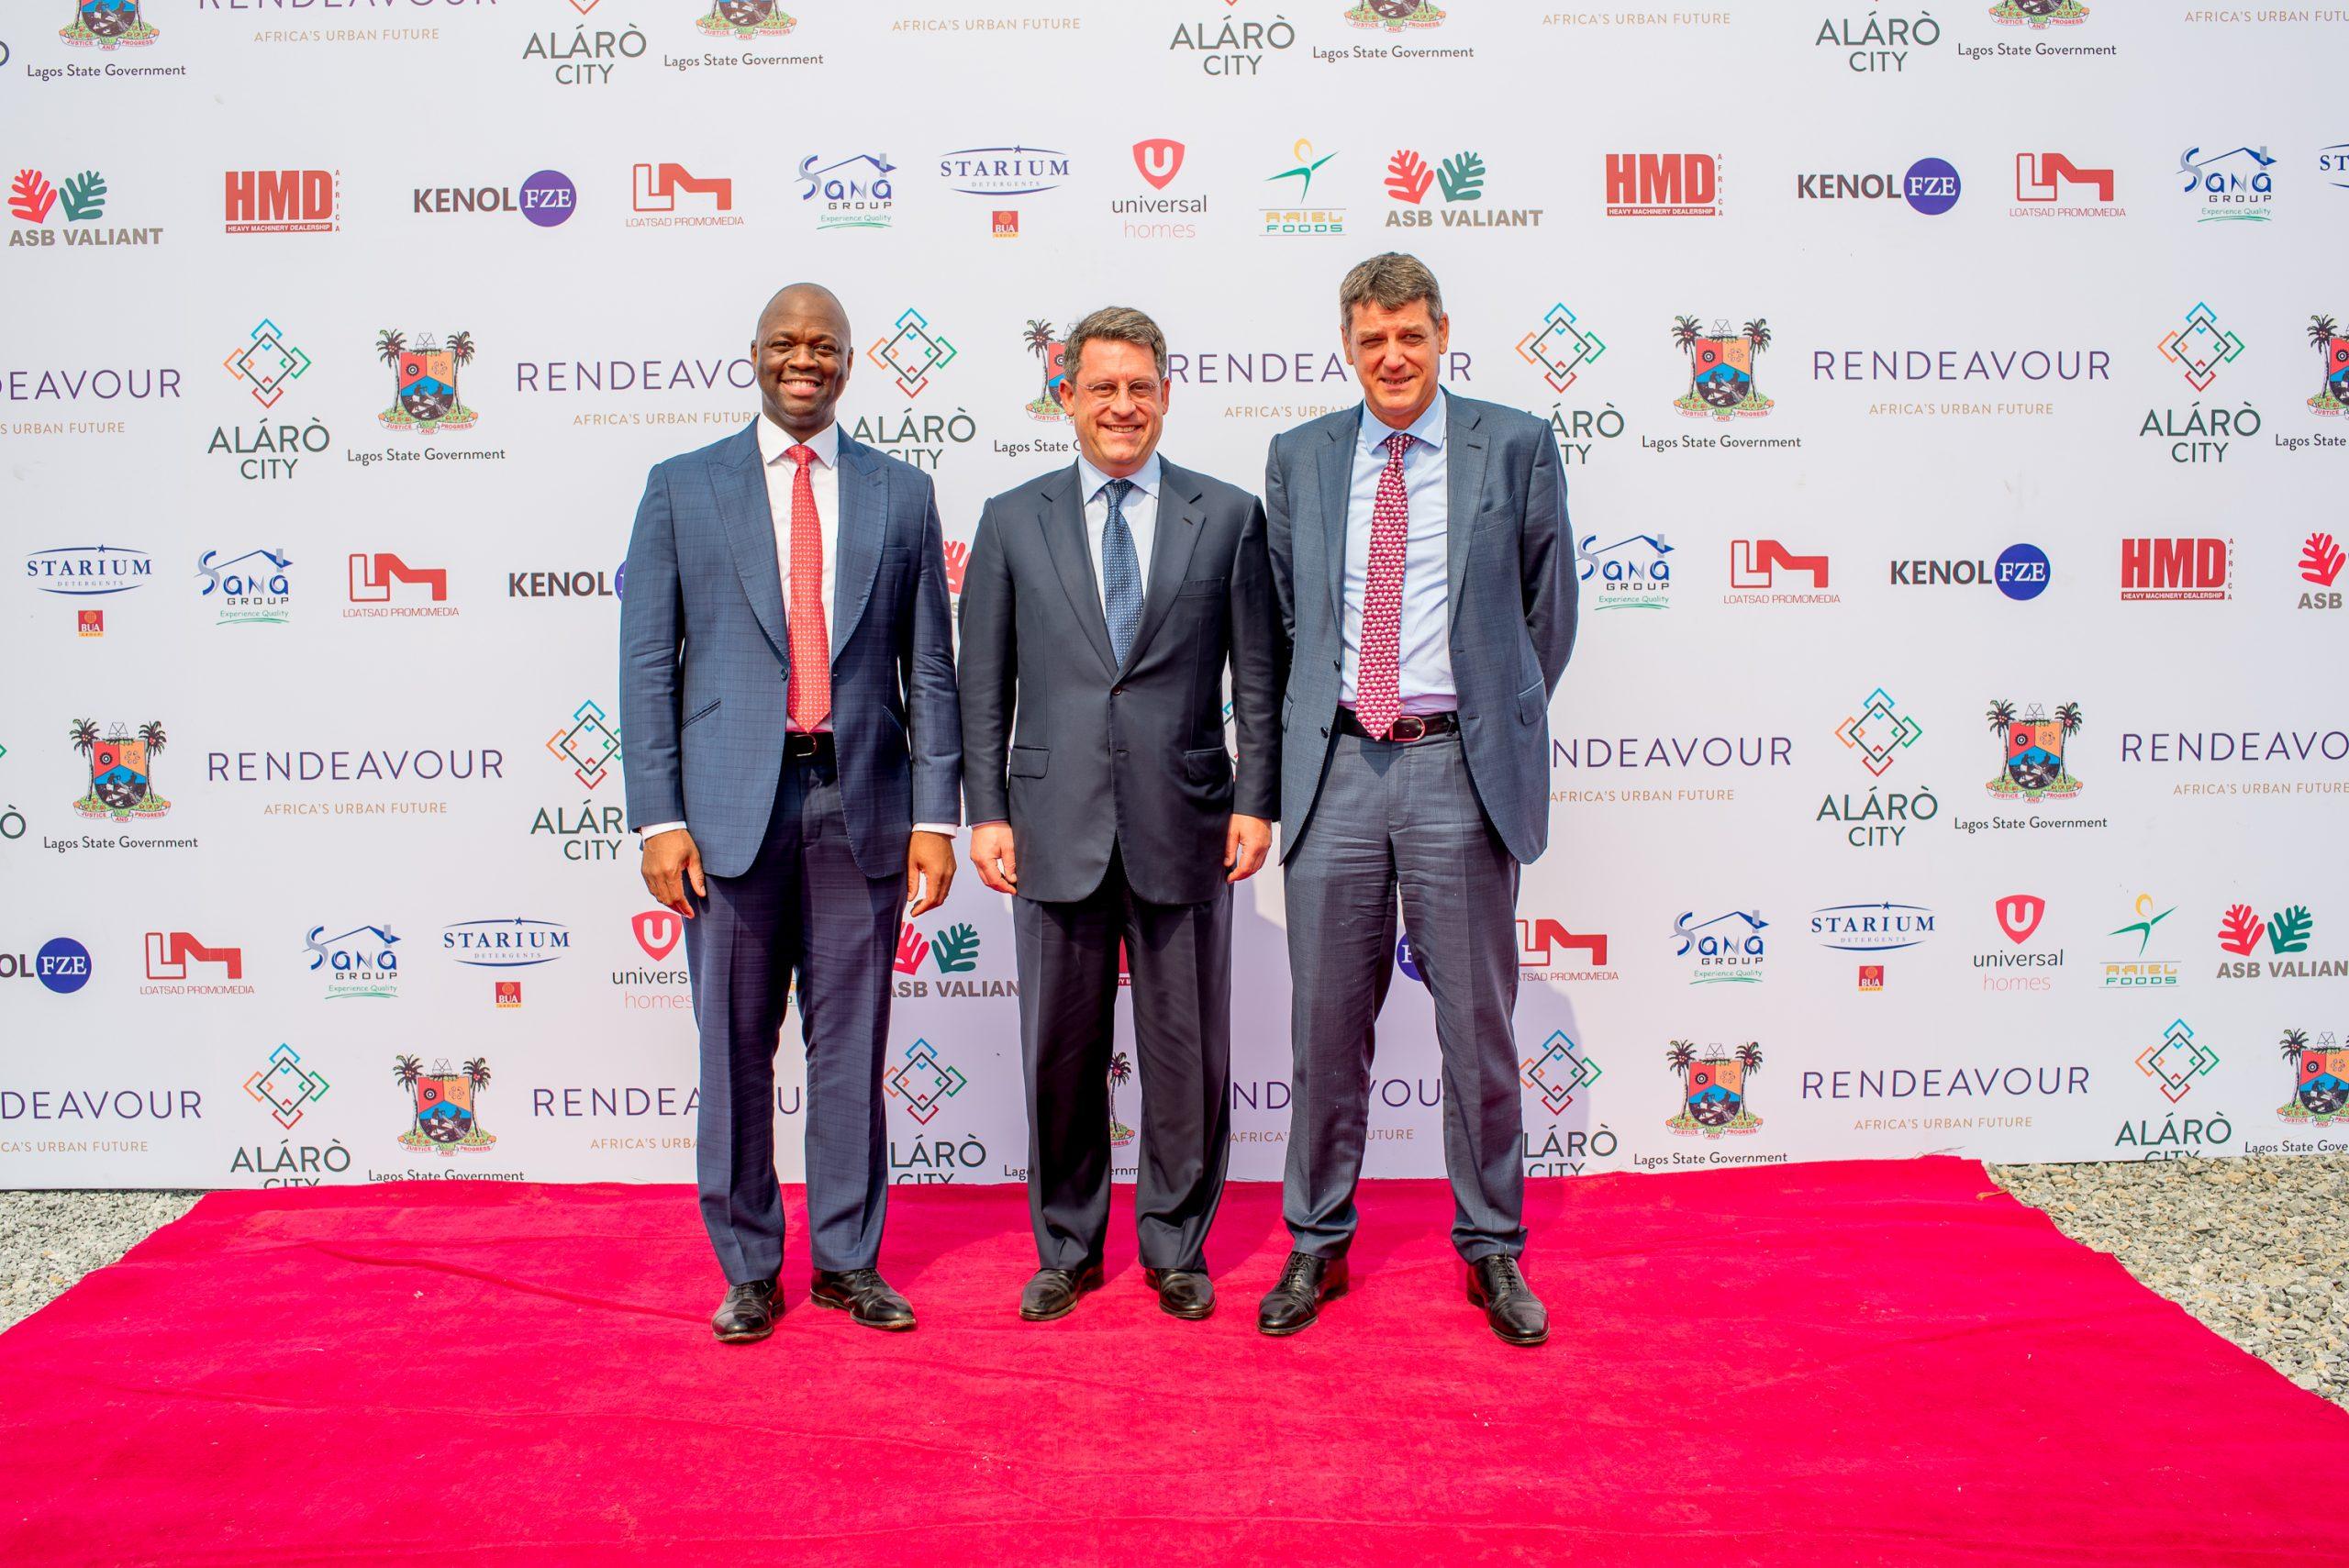 Alaro City Welcomes New Investors